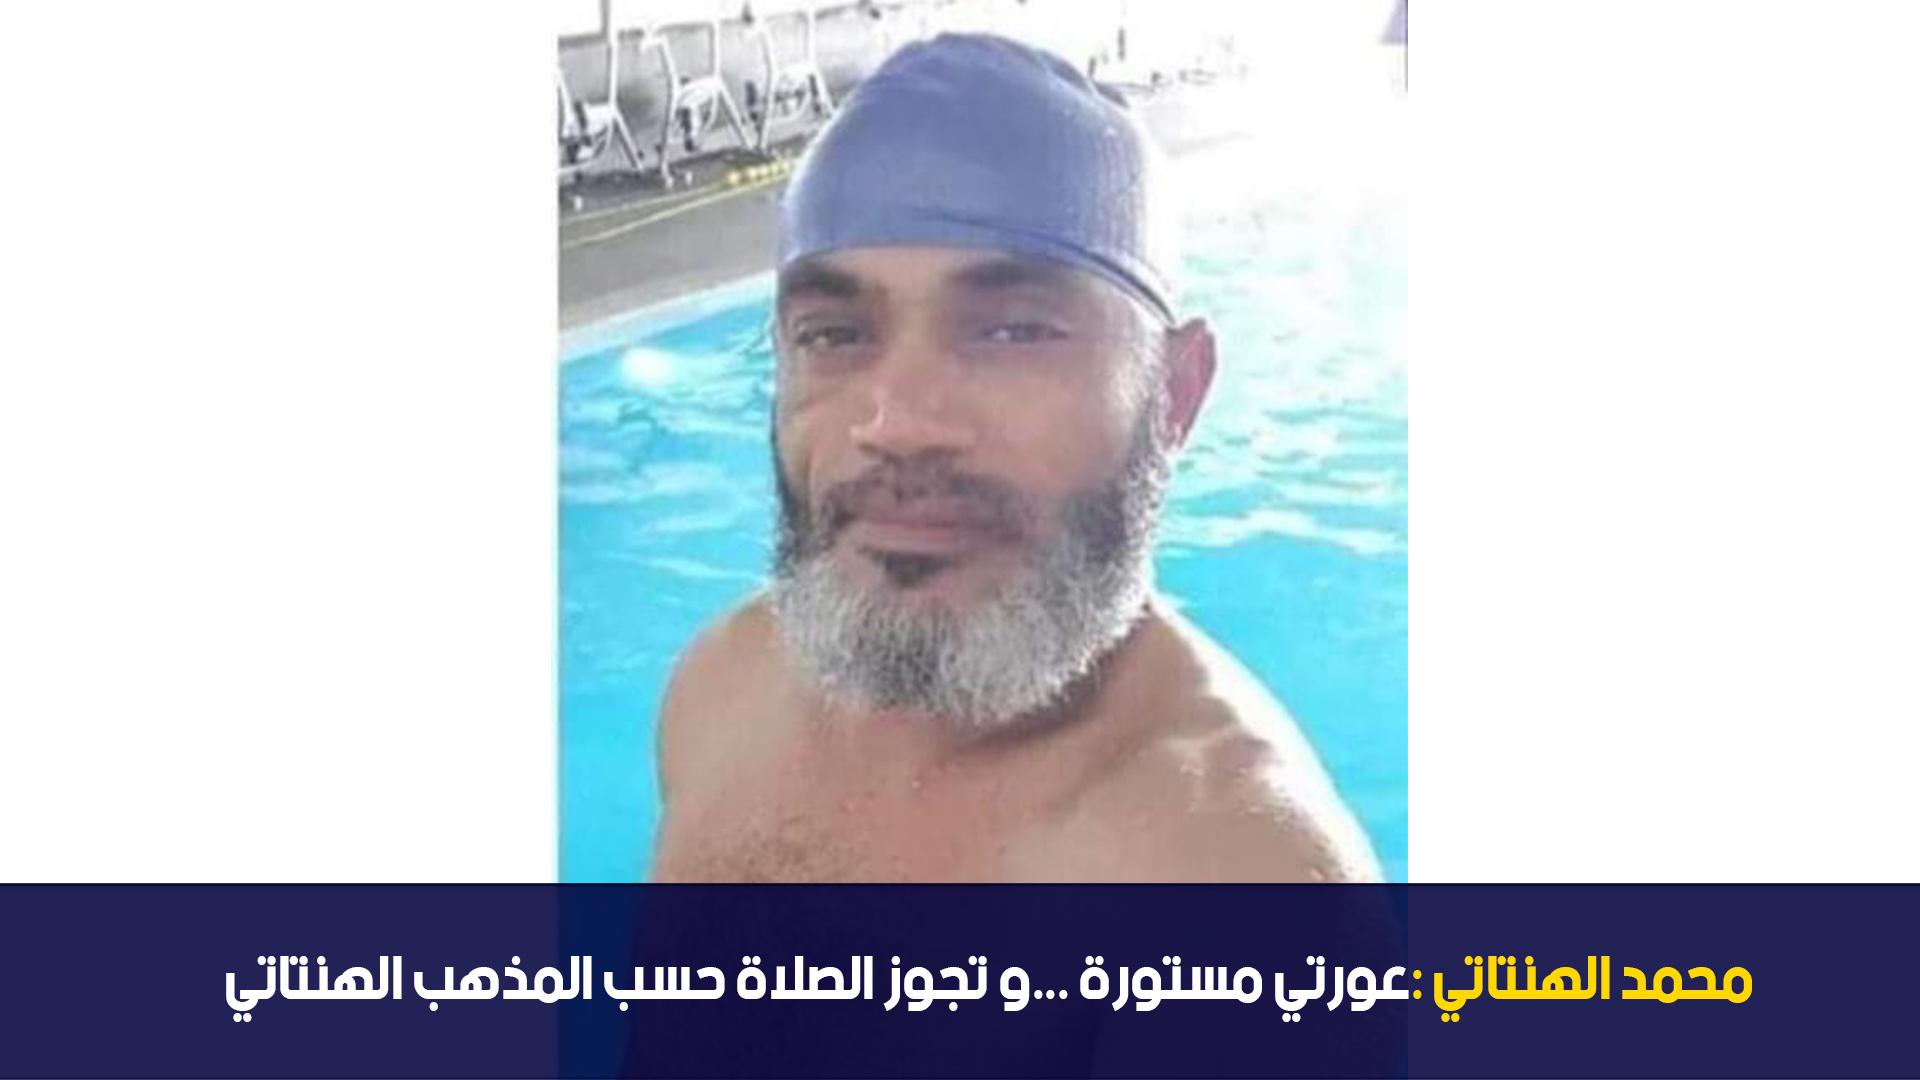 :محمد الهنتاتي : عورتي مستورة ...و تجوز الصلاة حسب المذهب الهنتاتي